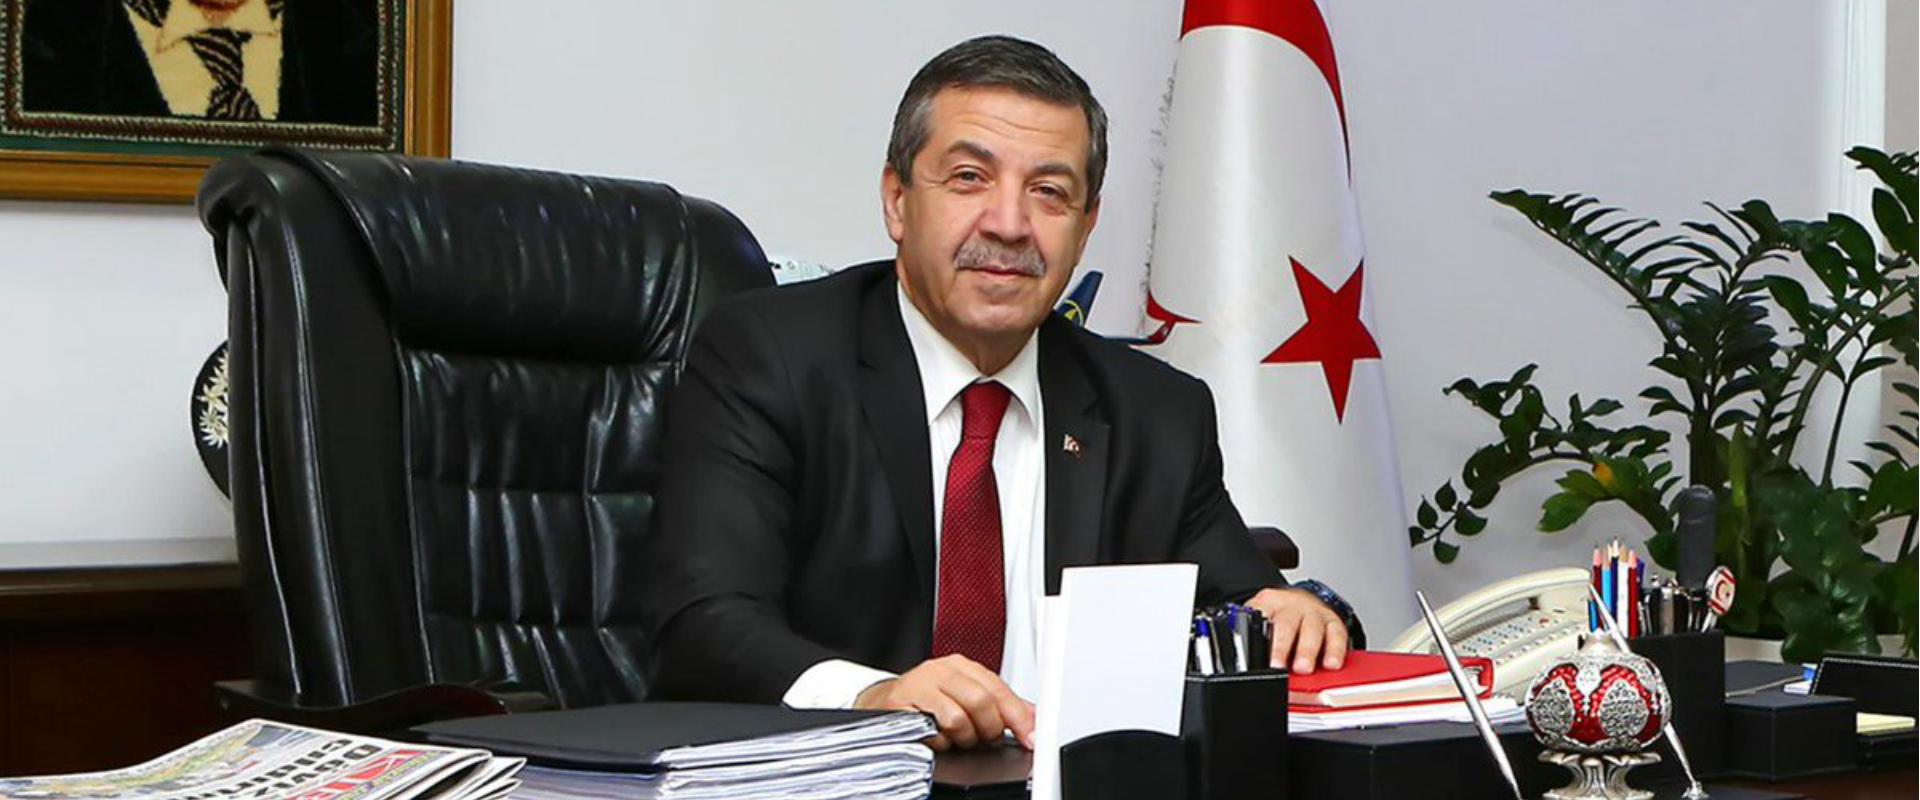 תהסין ארתולולו, שר החוץ של צפון קפריסין